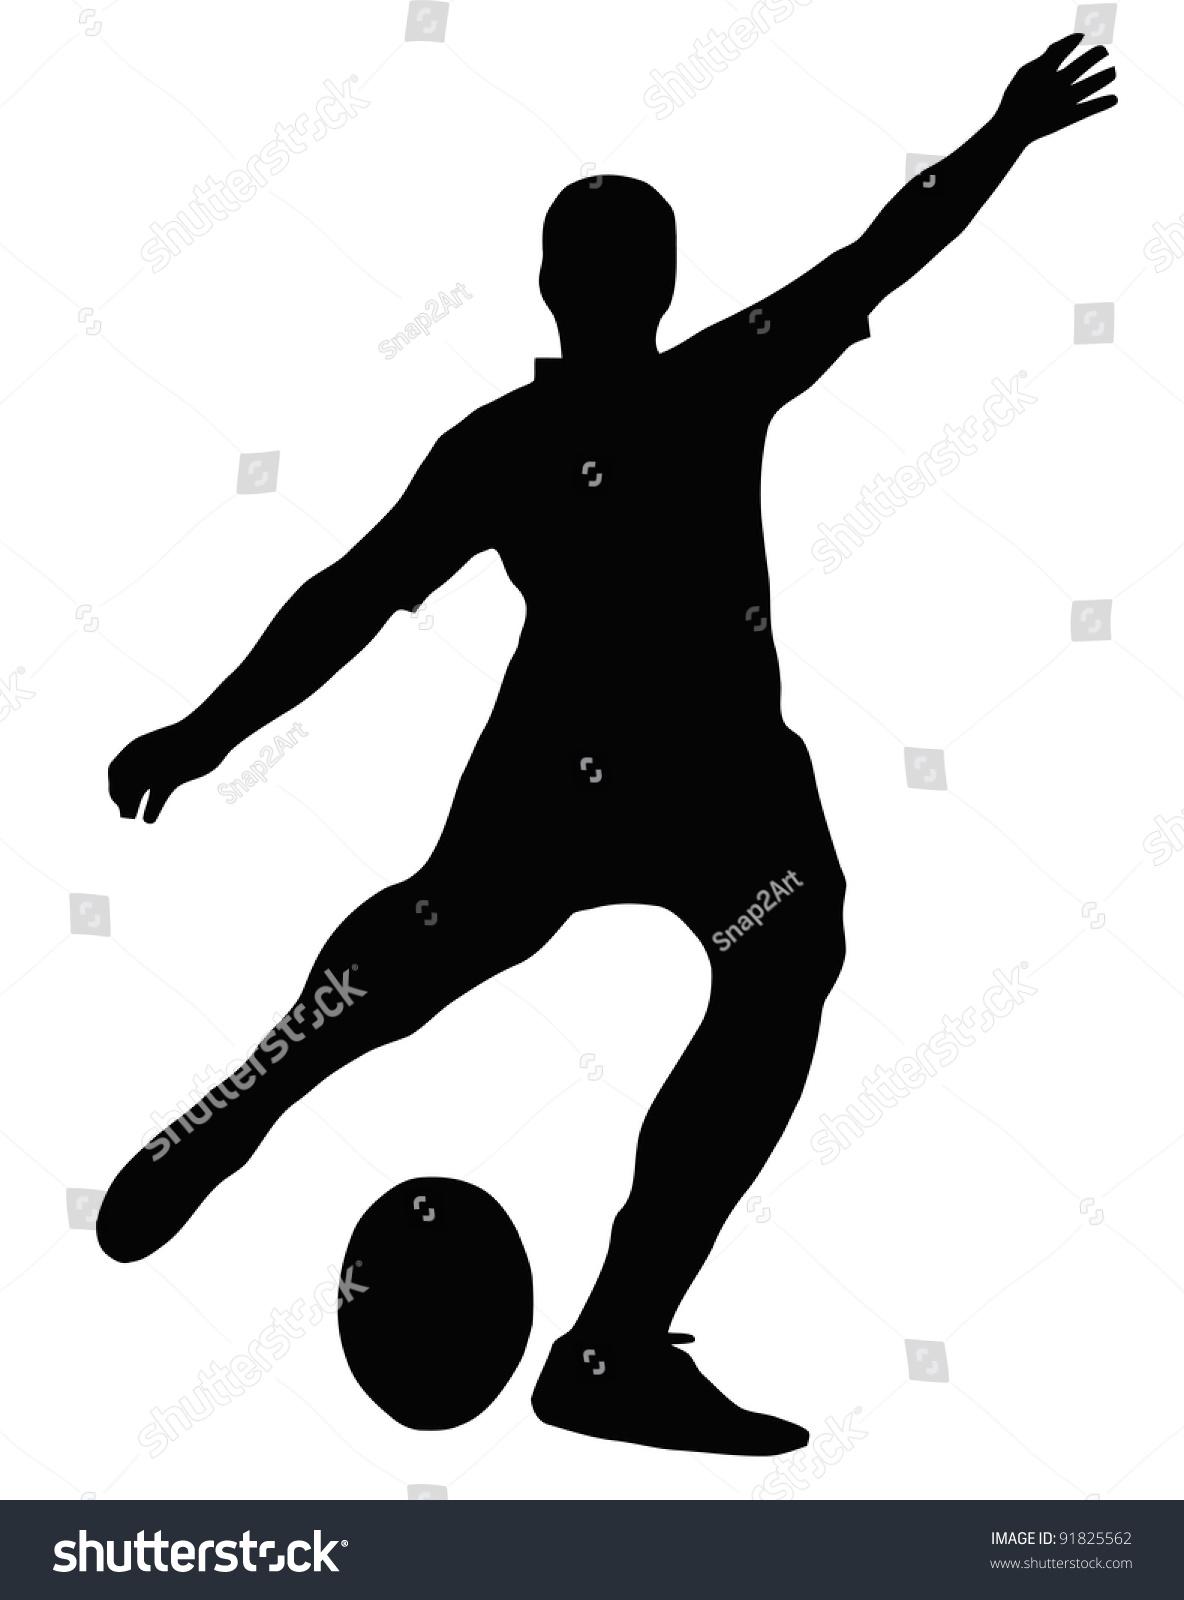 sport kicker